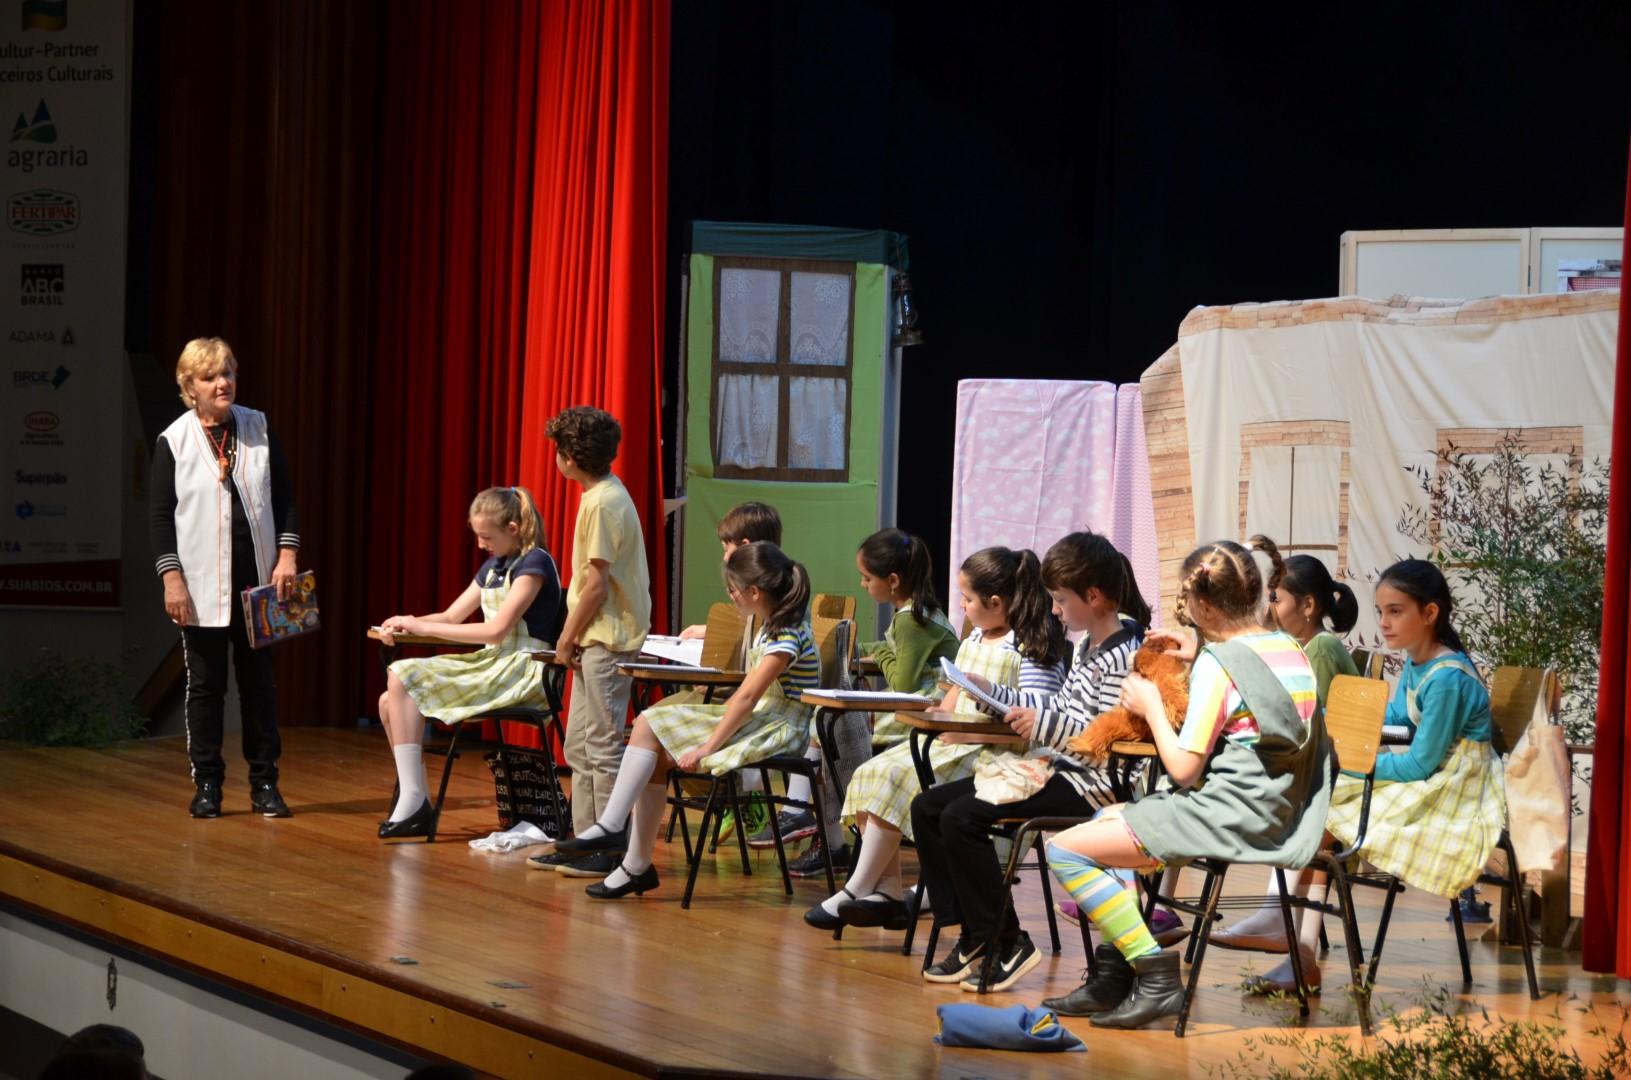 Apresentação teatro Pippi Meialonga para alunos do Colégio Imperatriz - 26/06/18Apresentação teatro Pippi Meialonga para alunos do Colégio Imperatriz - 26/06/18